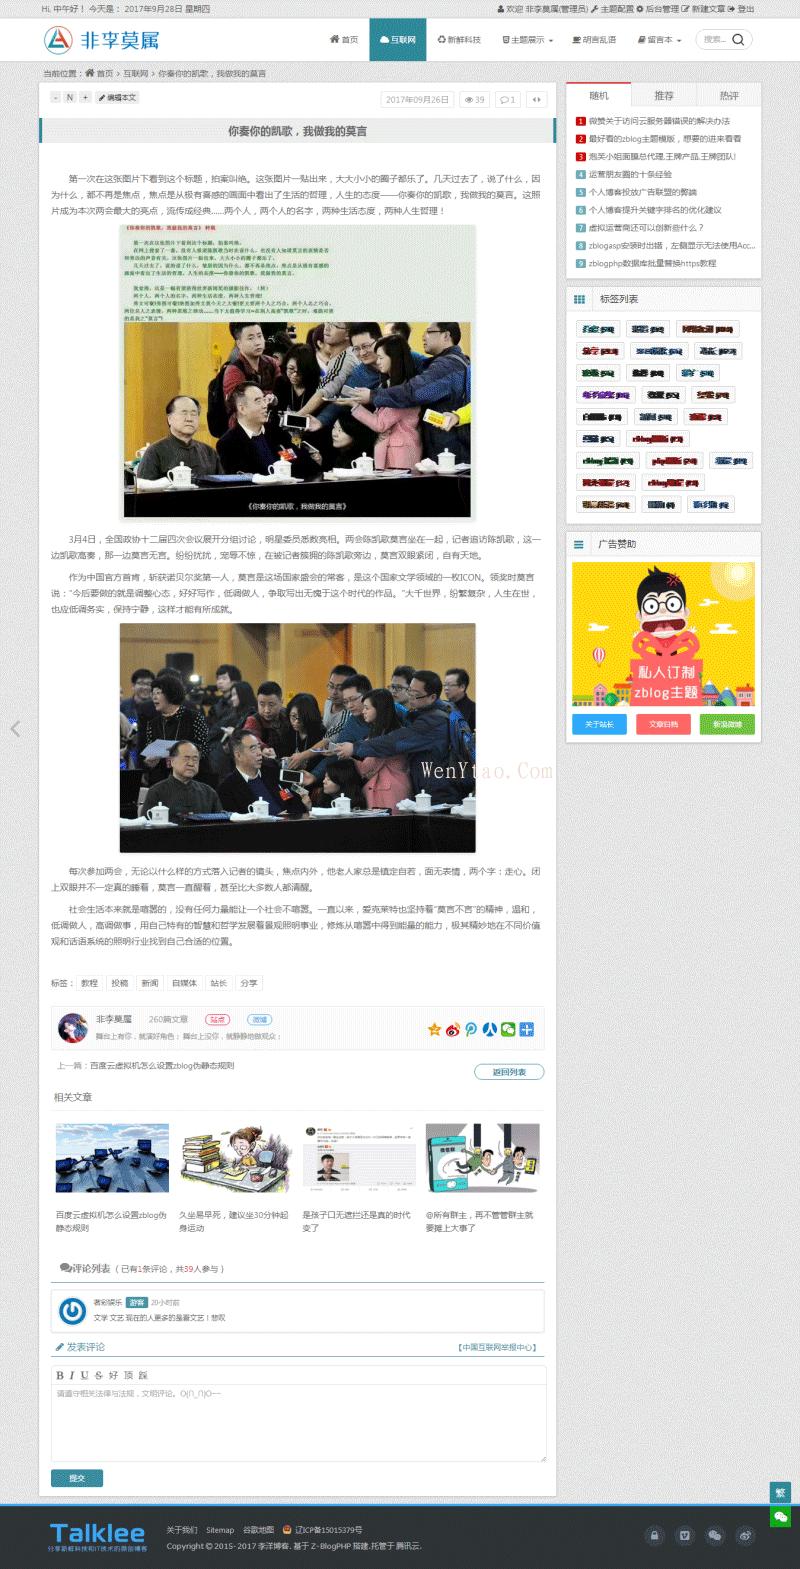 李洋个人博客《mxlee》zblog主题-梦想家(精品推荐) 第46张